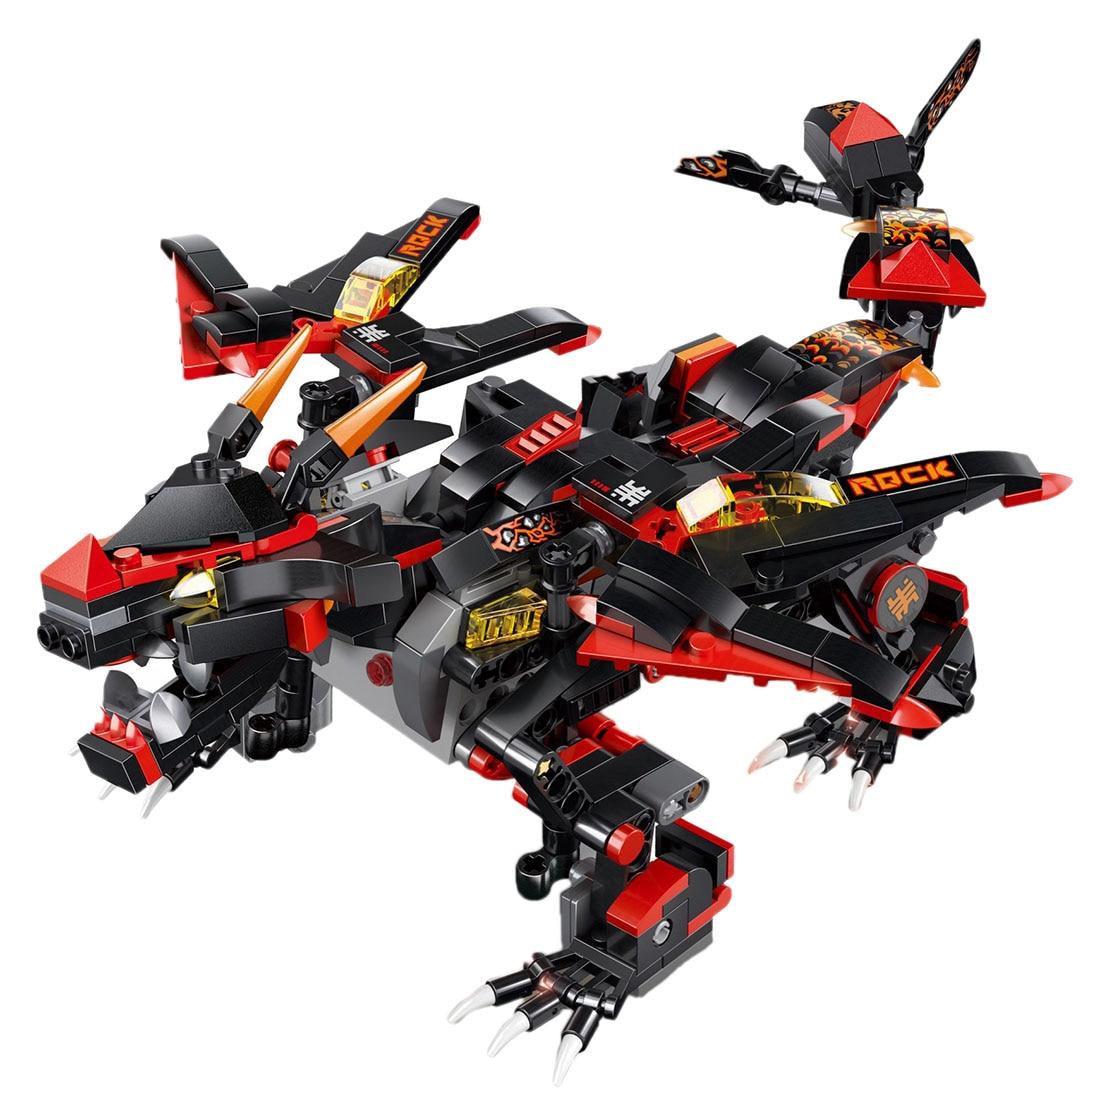 433 pcs/ensemble DIY Assemblée 2.4g 4 Canaux Télécommande Dinosaure Véhicule Démon Dragon War Camion Électrique Moteur Jouet Pour enfants